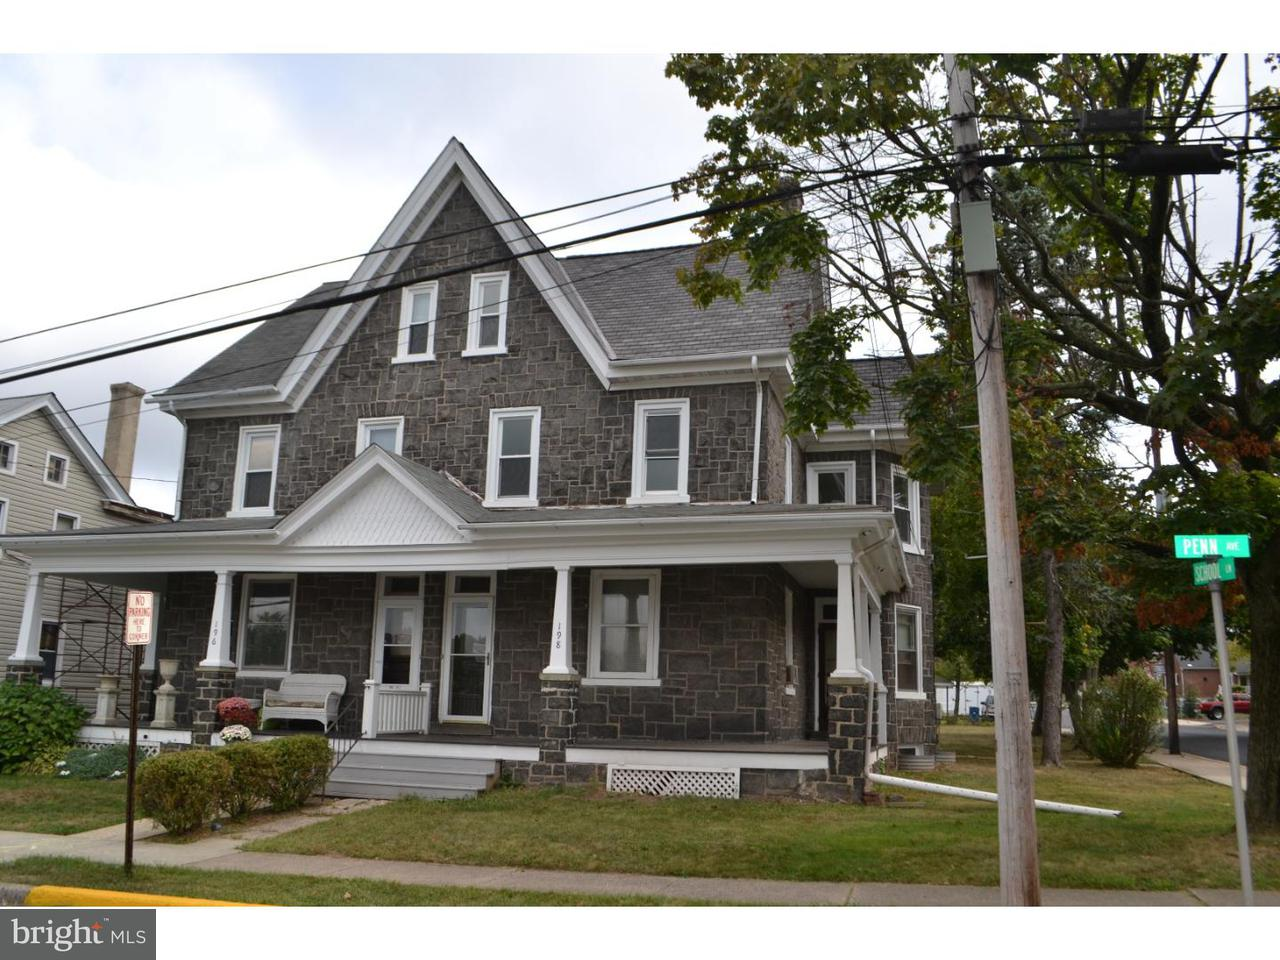 Casa unifamiliar adosada (Townhouse) por un Alquiler en 198 PENN AVE #2ND FL Telford, Pennsylvania 18969 Estados Unidos